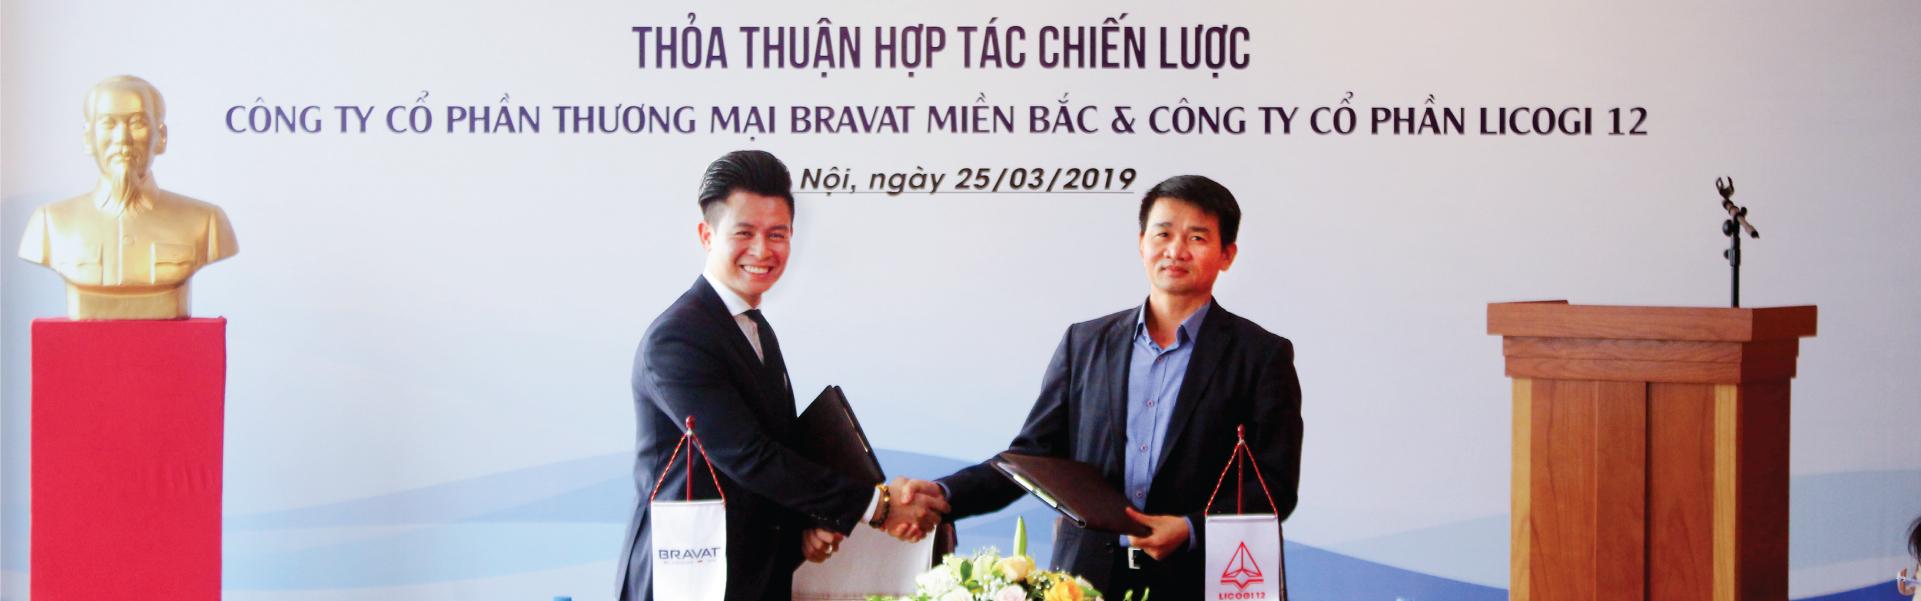 Bravat Miền Bắc – chính thức hợp tác chiến lược cùng Licogi 12